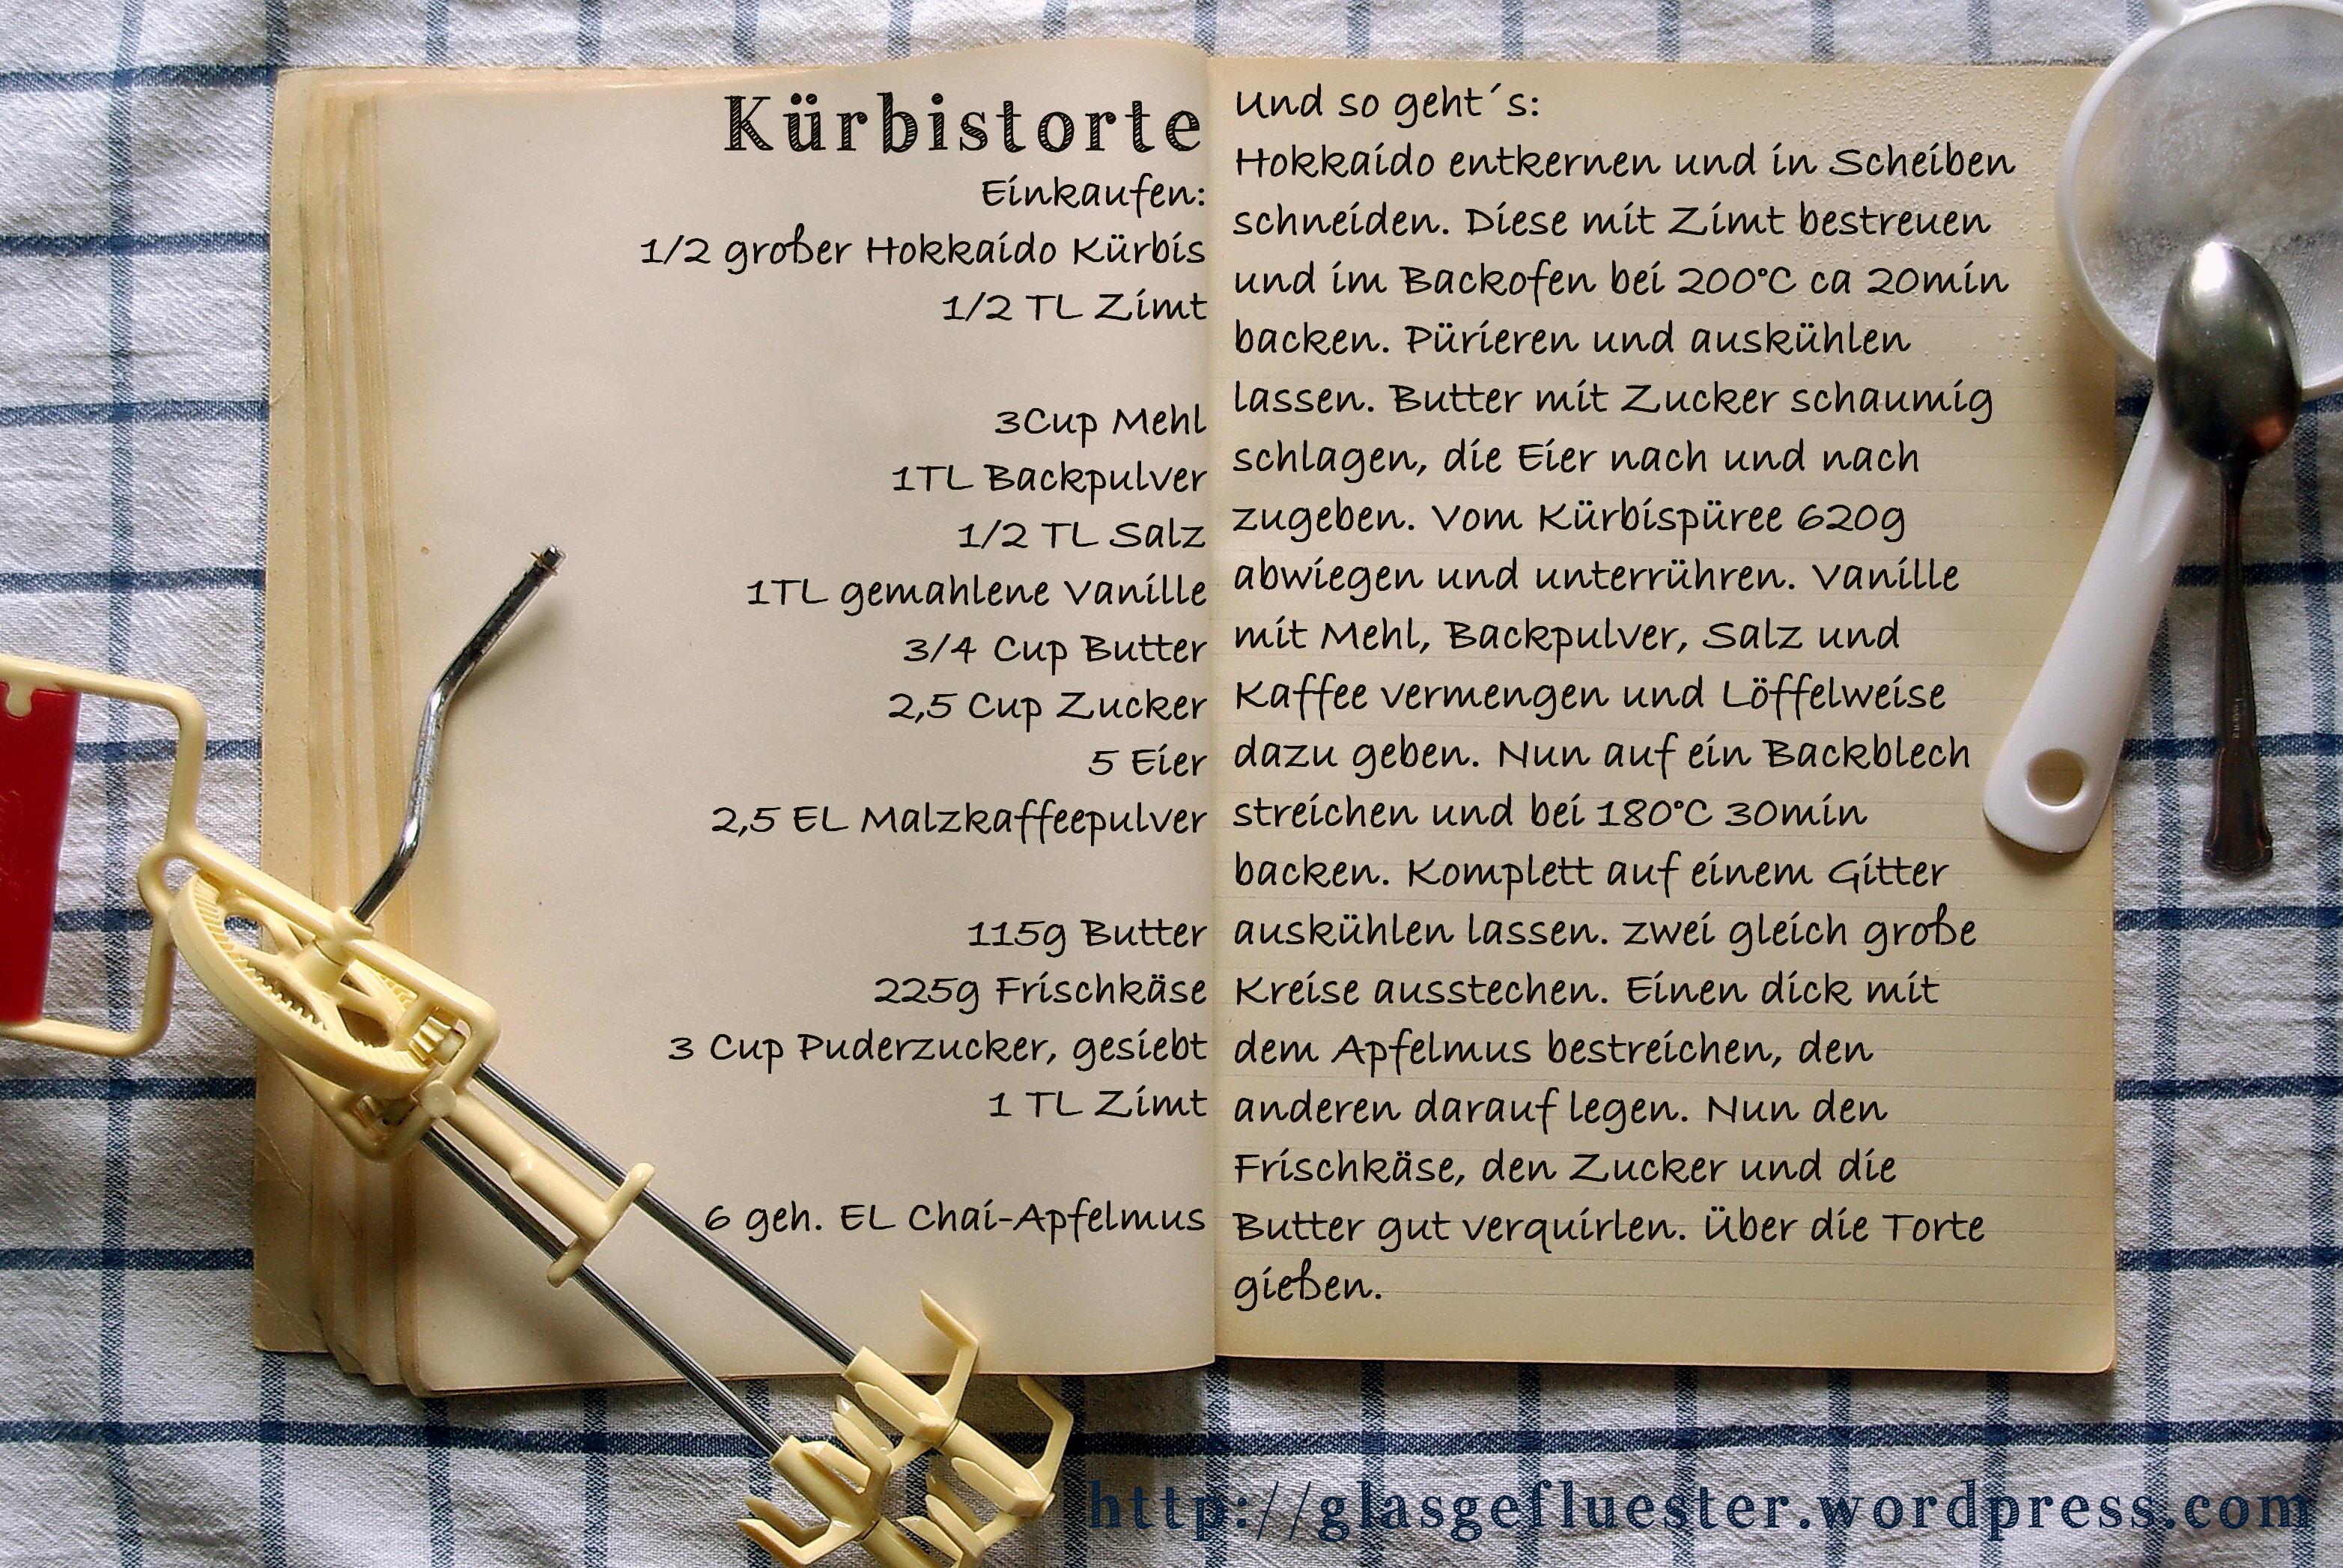 Einkaufszettel Kürbistorte by Glasgeflüster